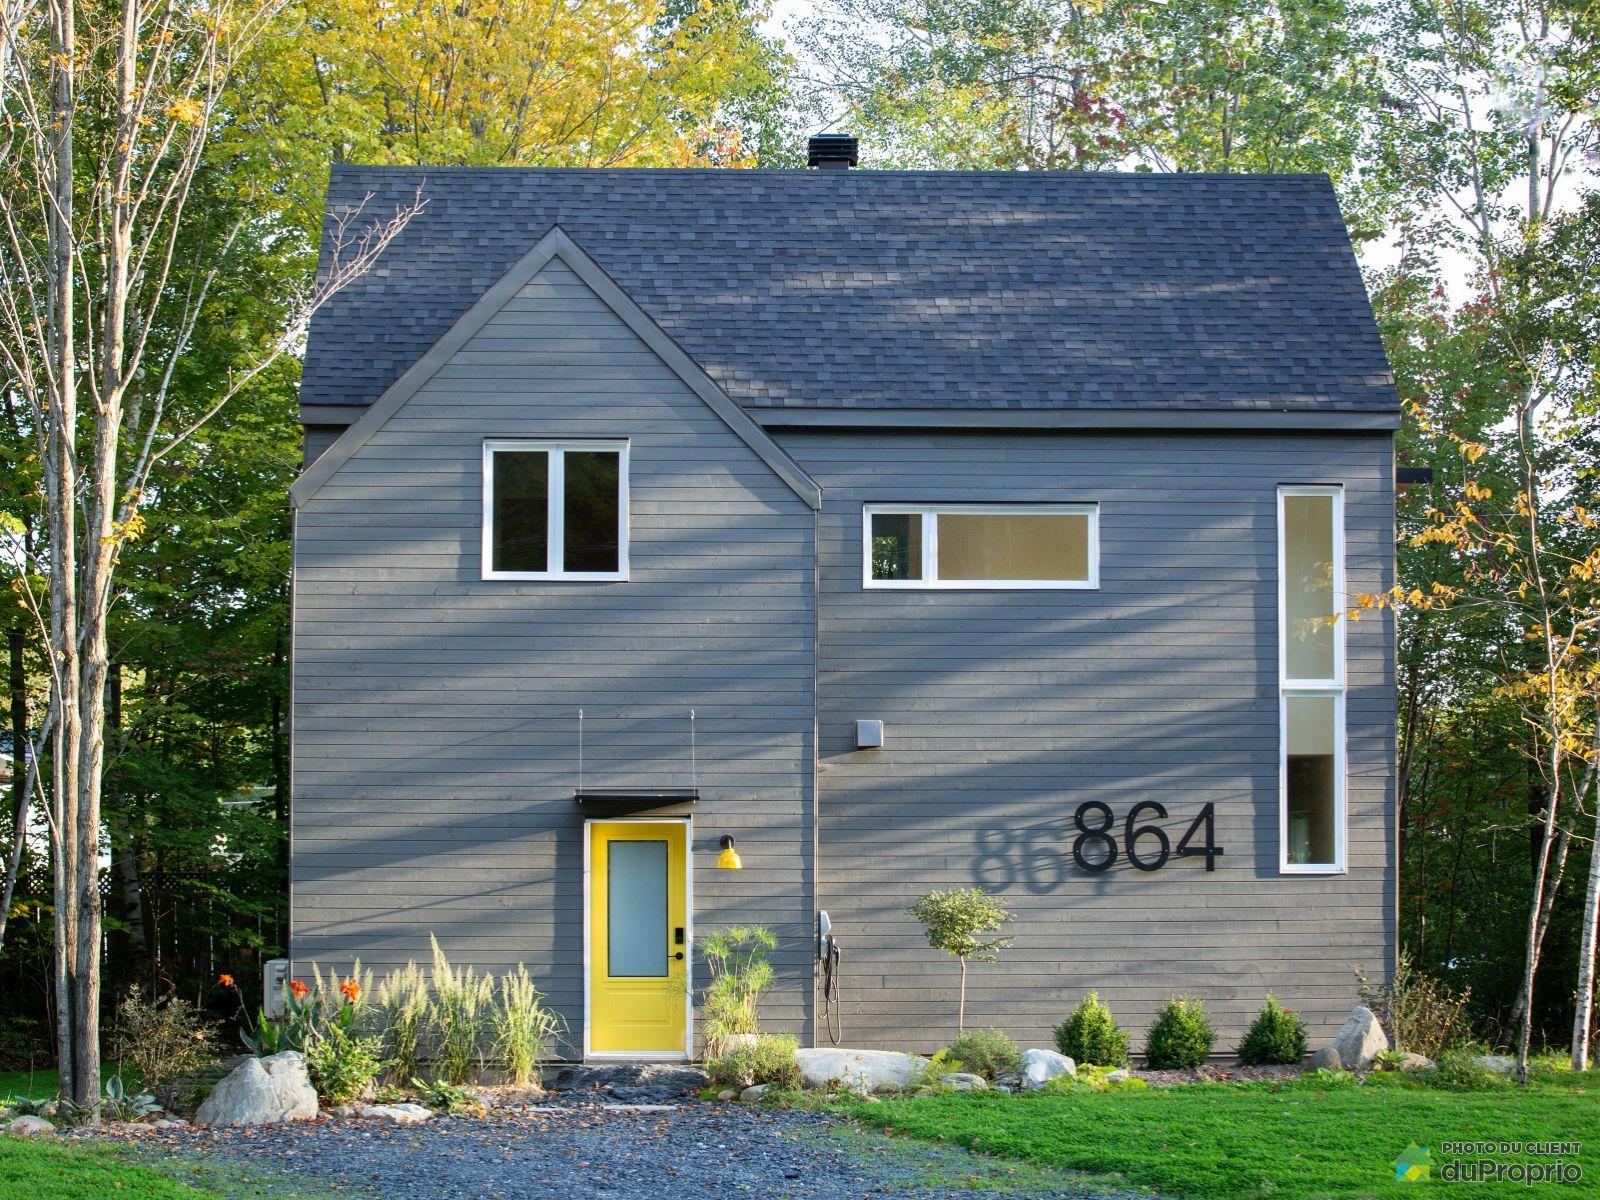 864 rue Régina-Gagnon - Par UrbanÉco inc, Sherbrooke (Deauville) for sale